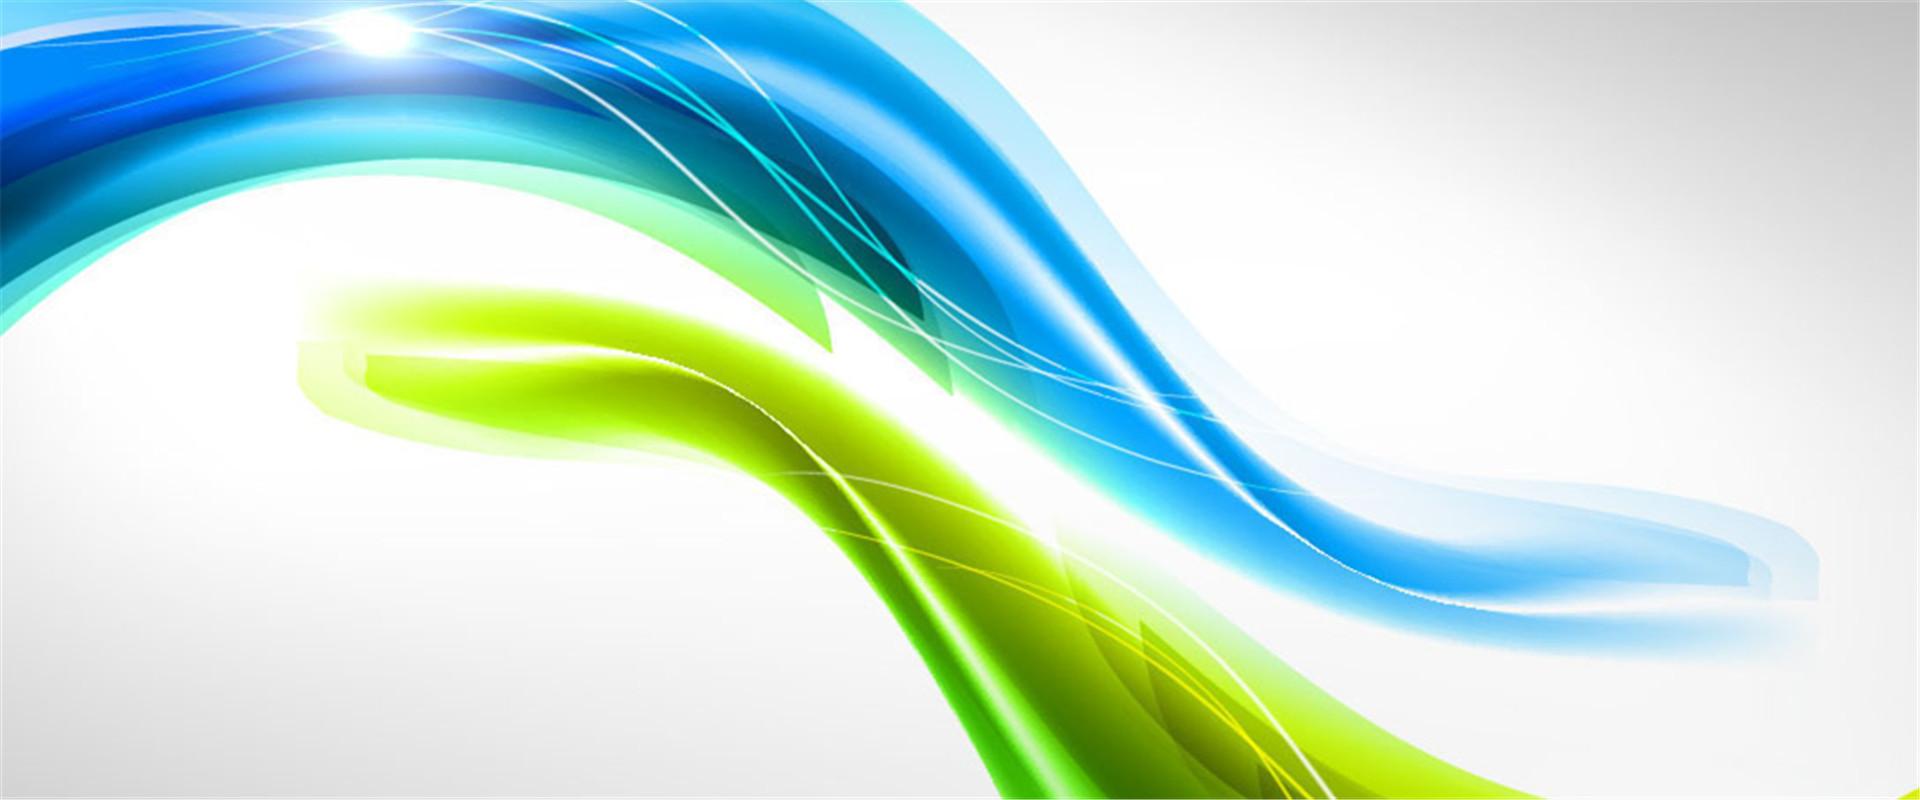 la courbe de fond bleu vert de commerce commerce bleu vert